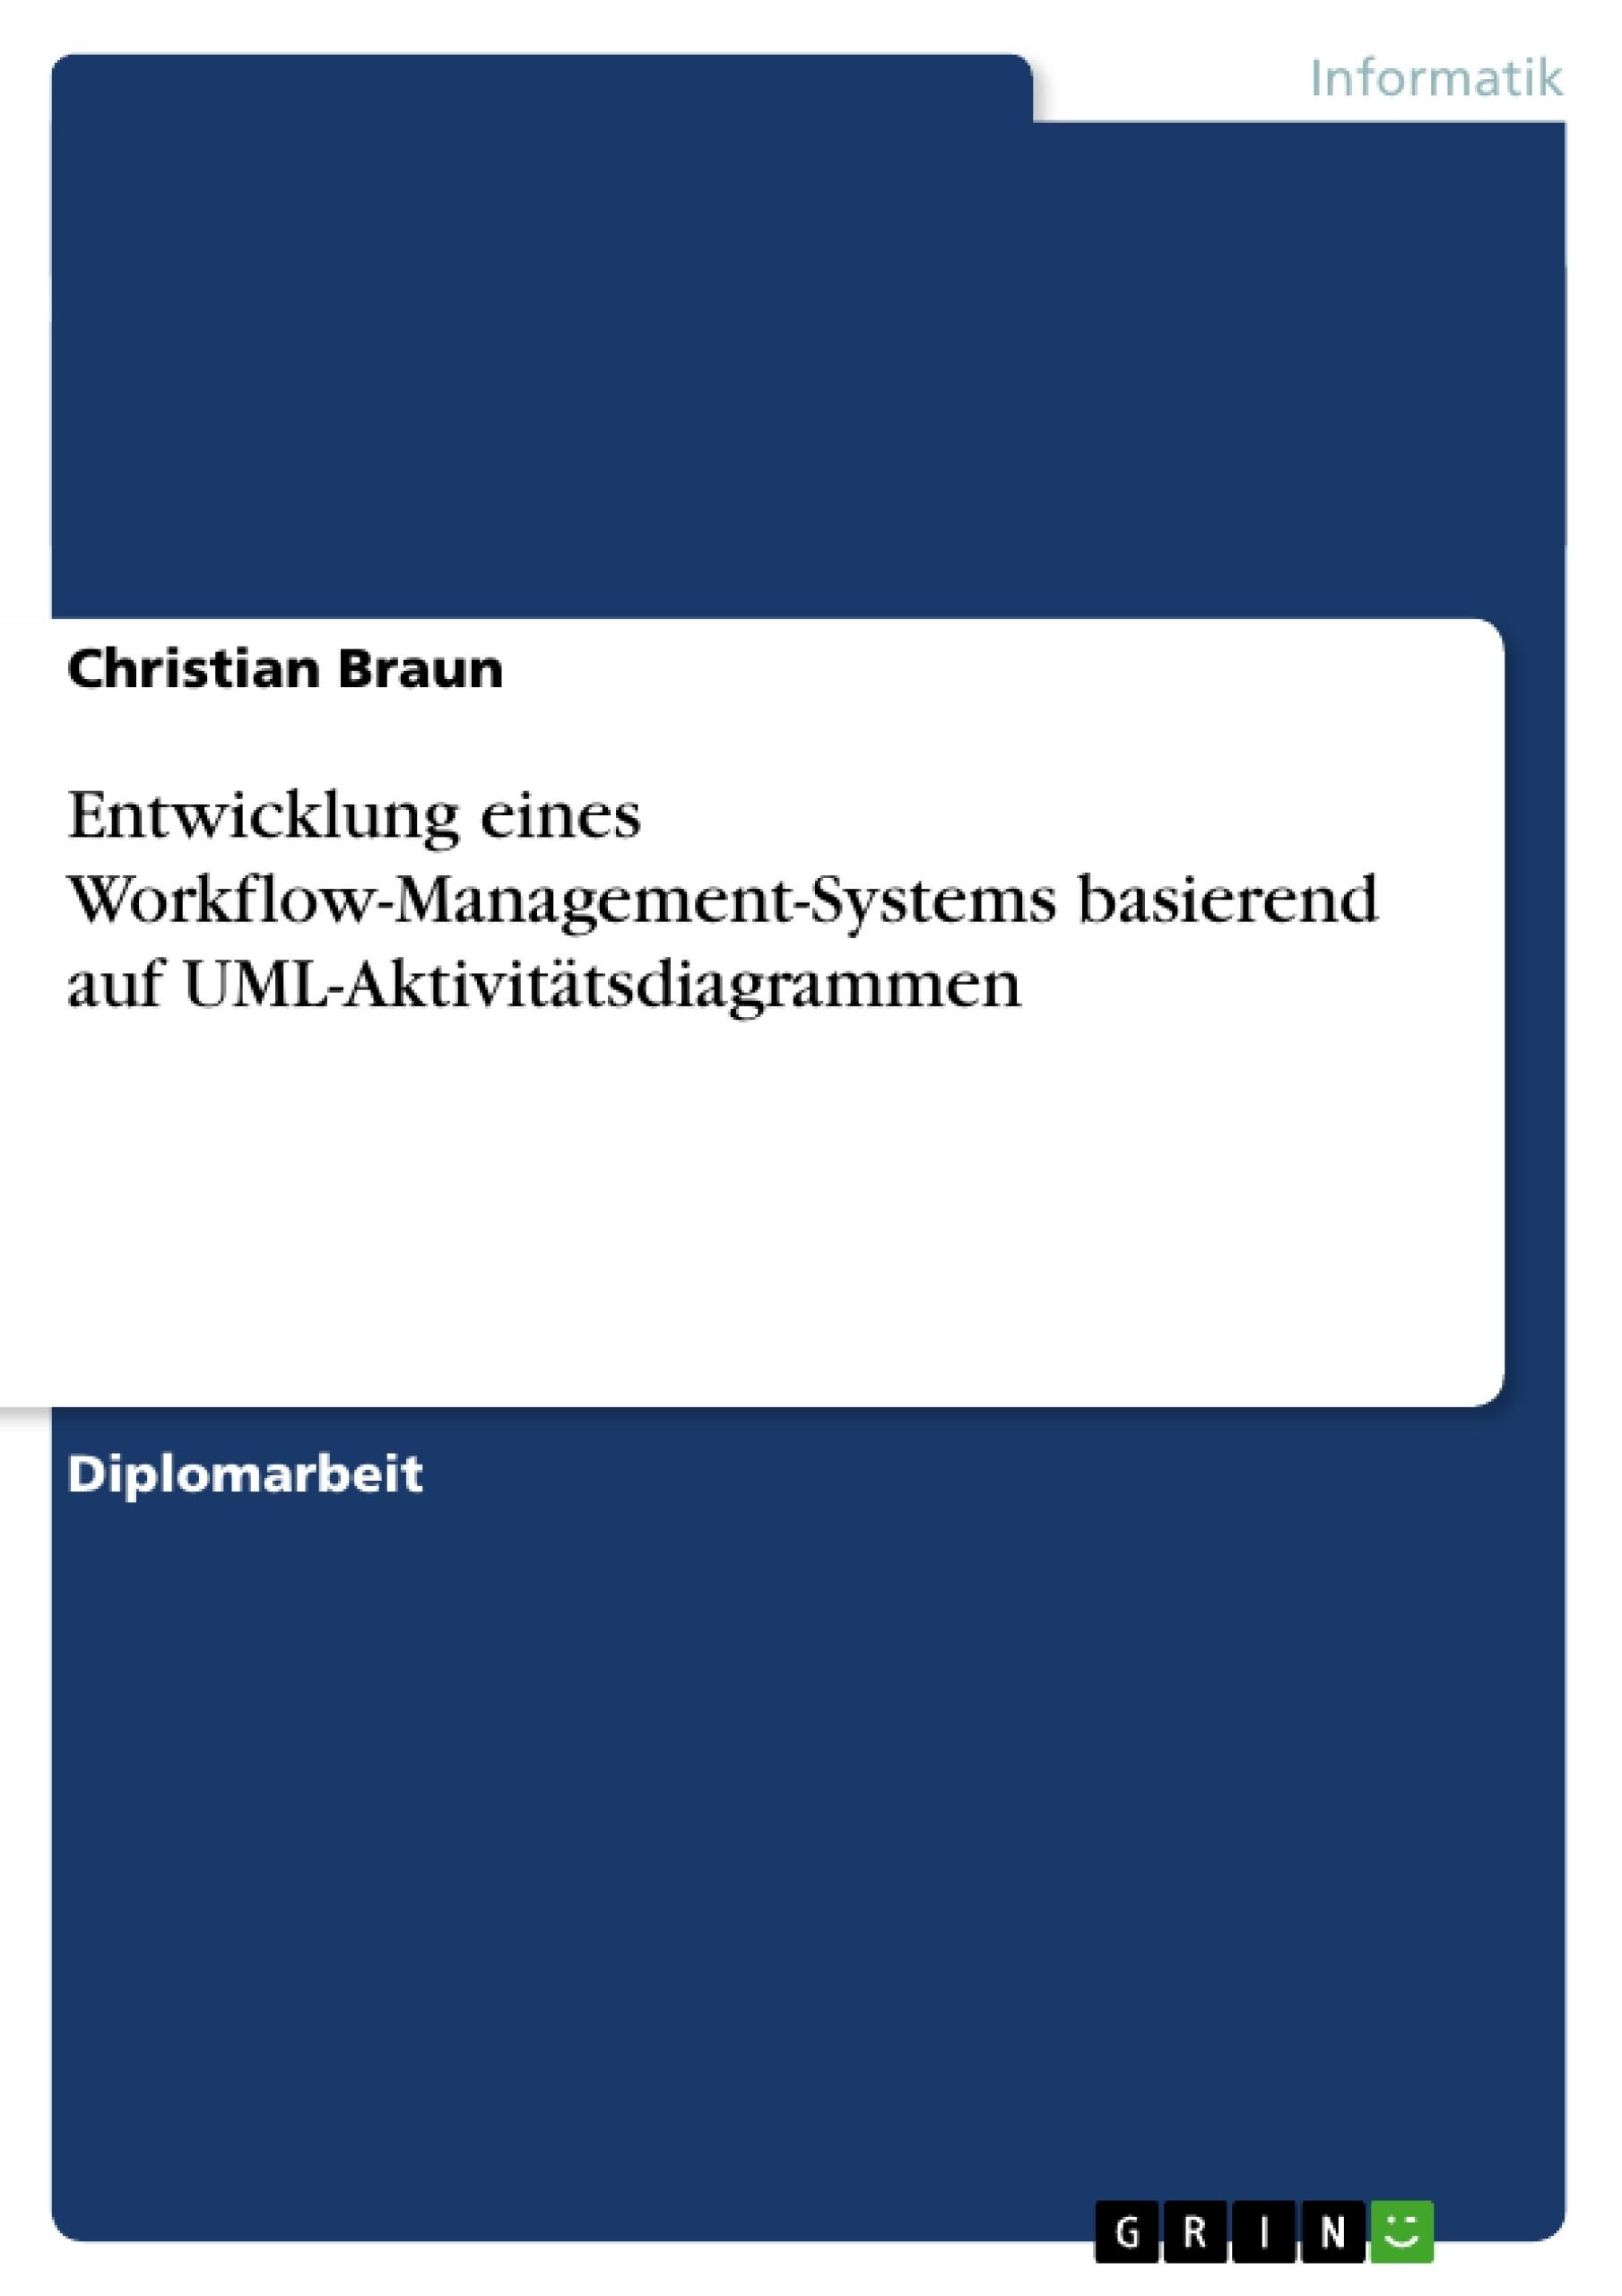 Titel: Entwicklung eines Workflow-Management-Systems basierend auf UML-Aktivitätsdiagrammen